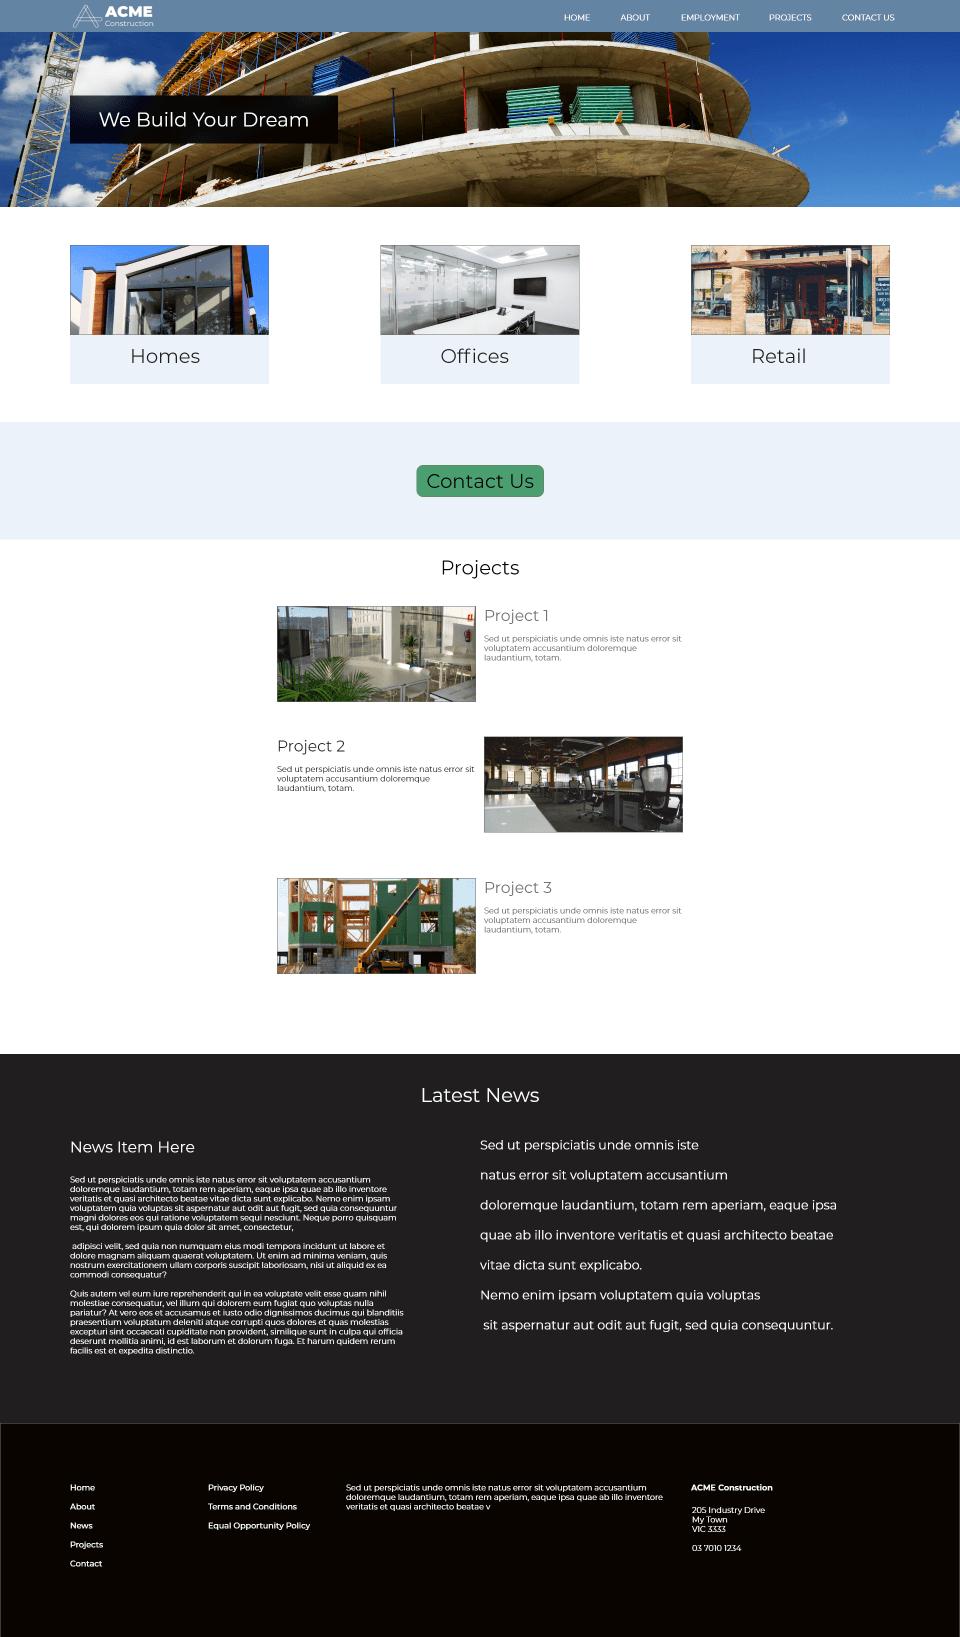 xd-design.png